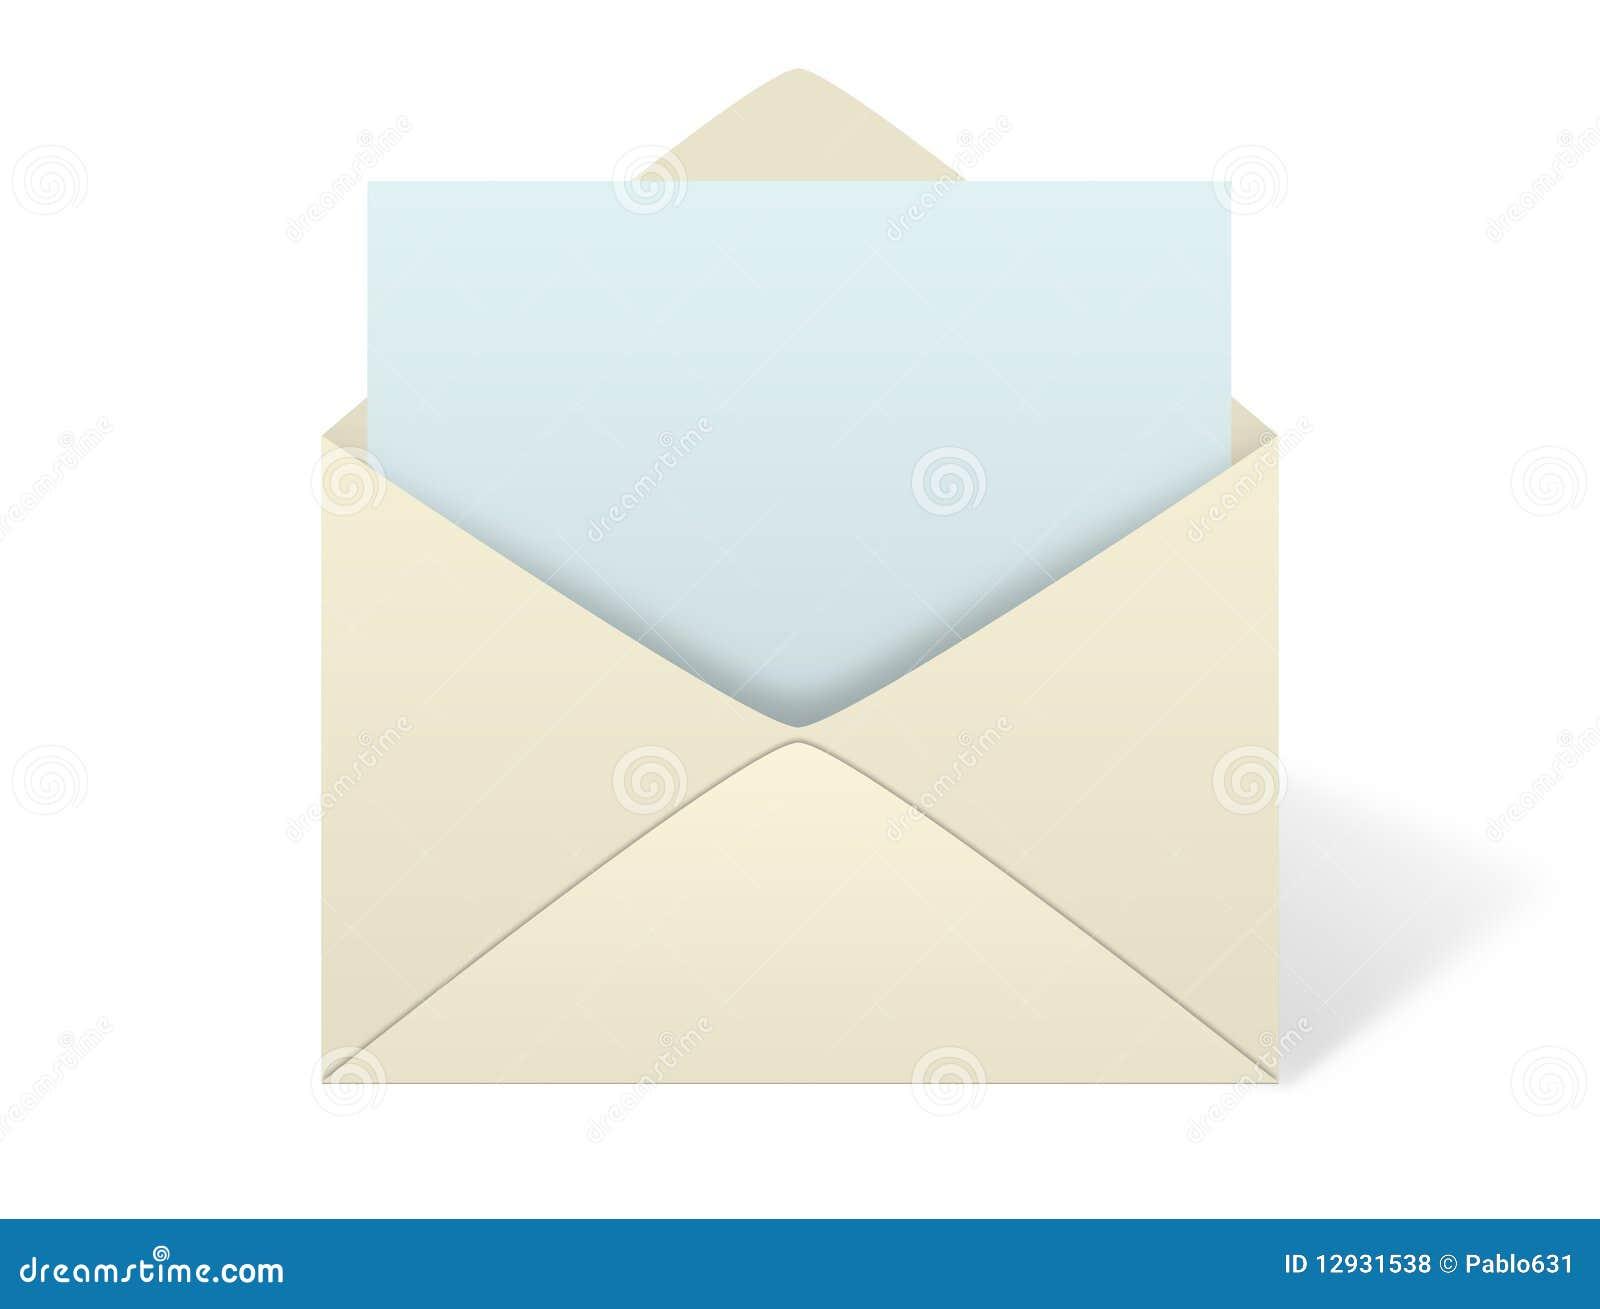 Envelope On White Background Stock Illustration